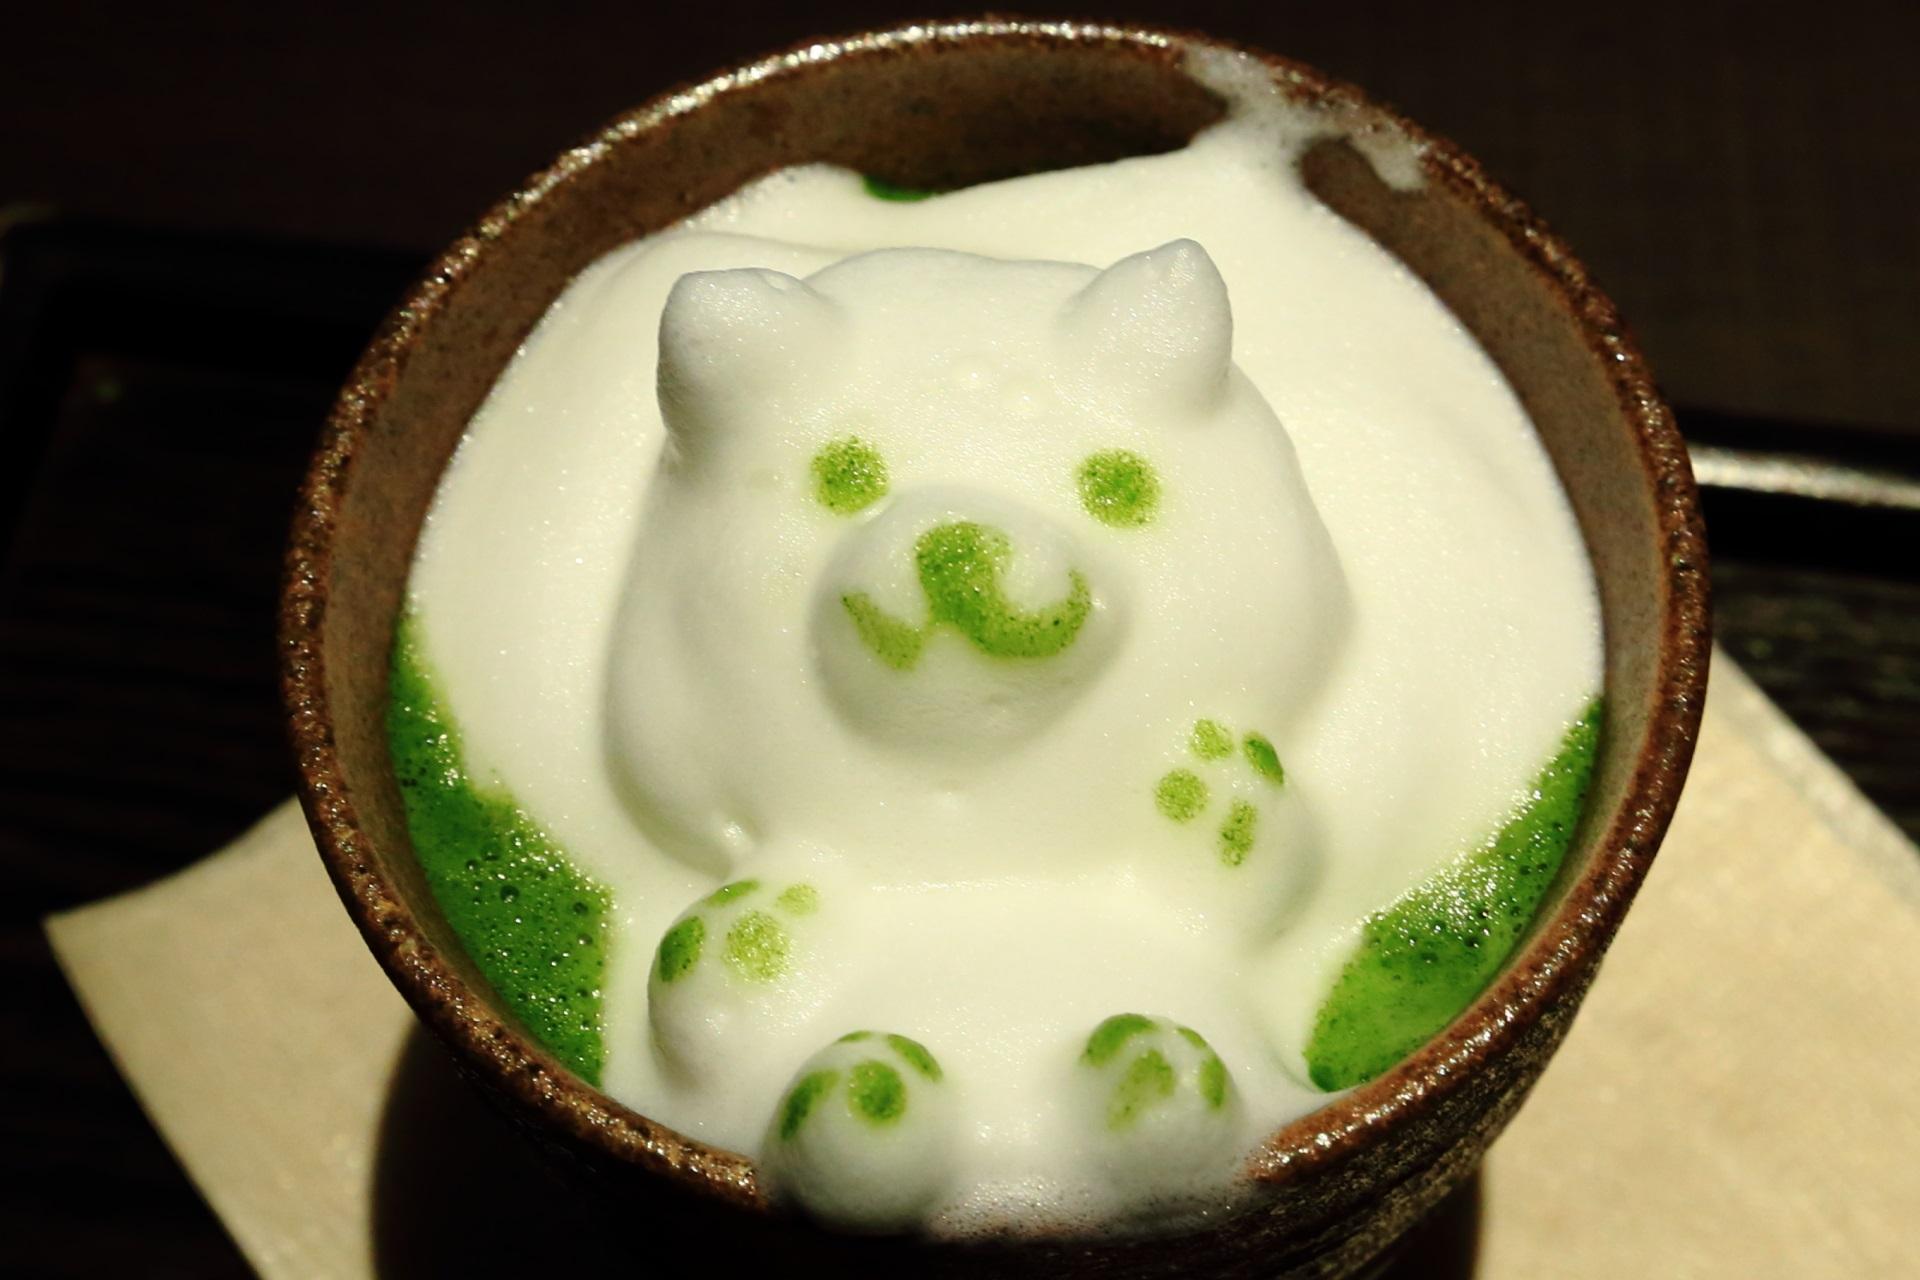 3Dラテアート 熊さん 可愛い 茶寮翠泉